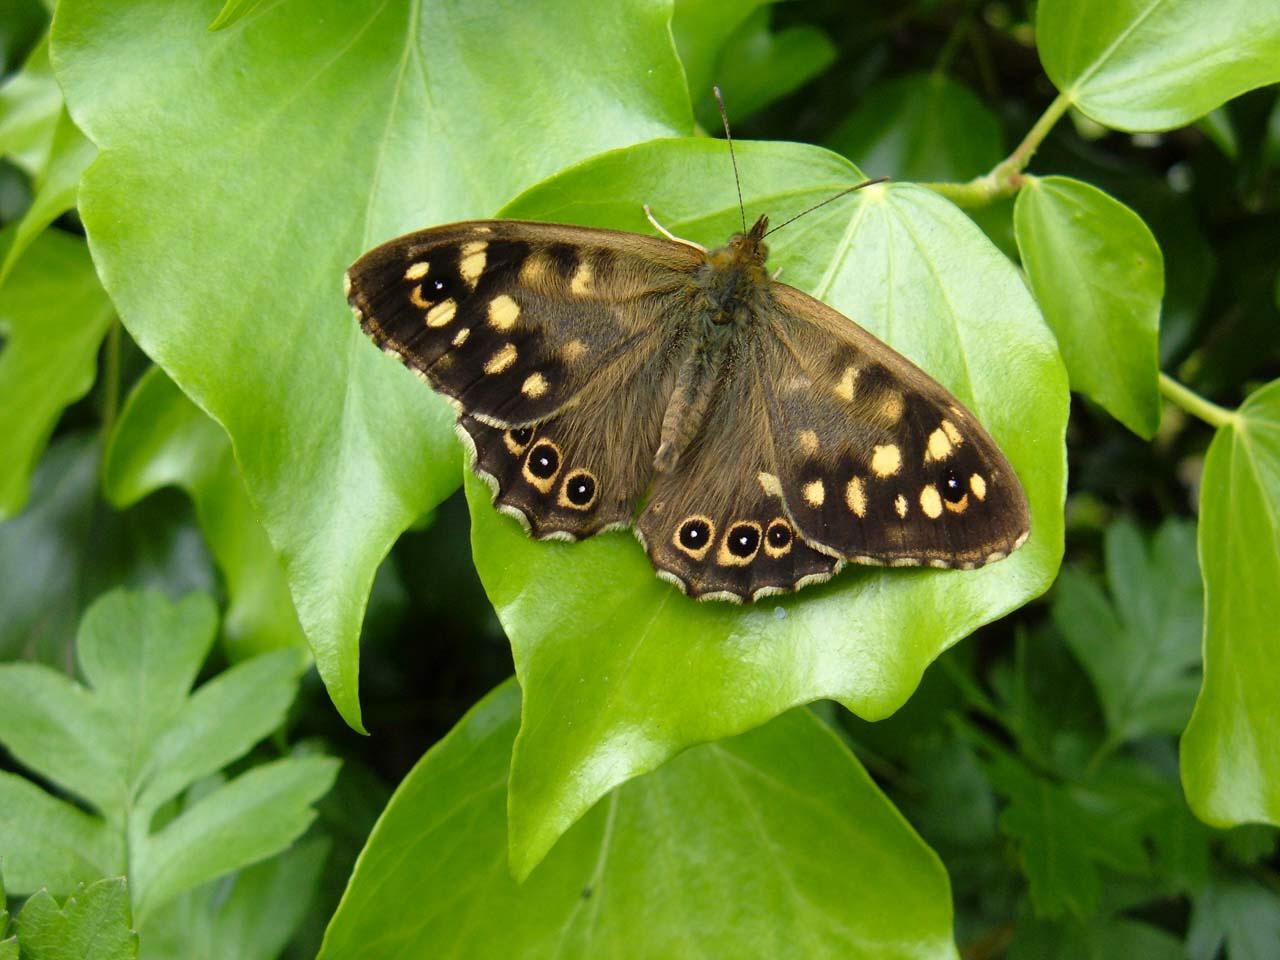 коричневая бабочка на зеленом листке, скачать фото